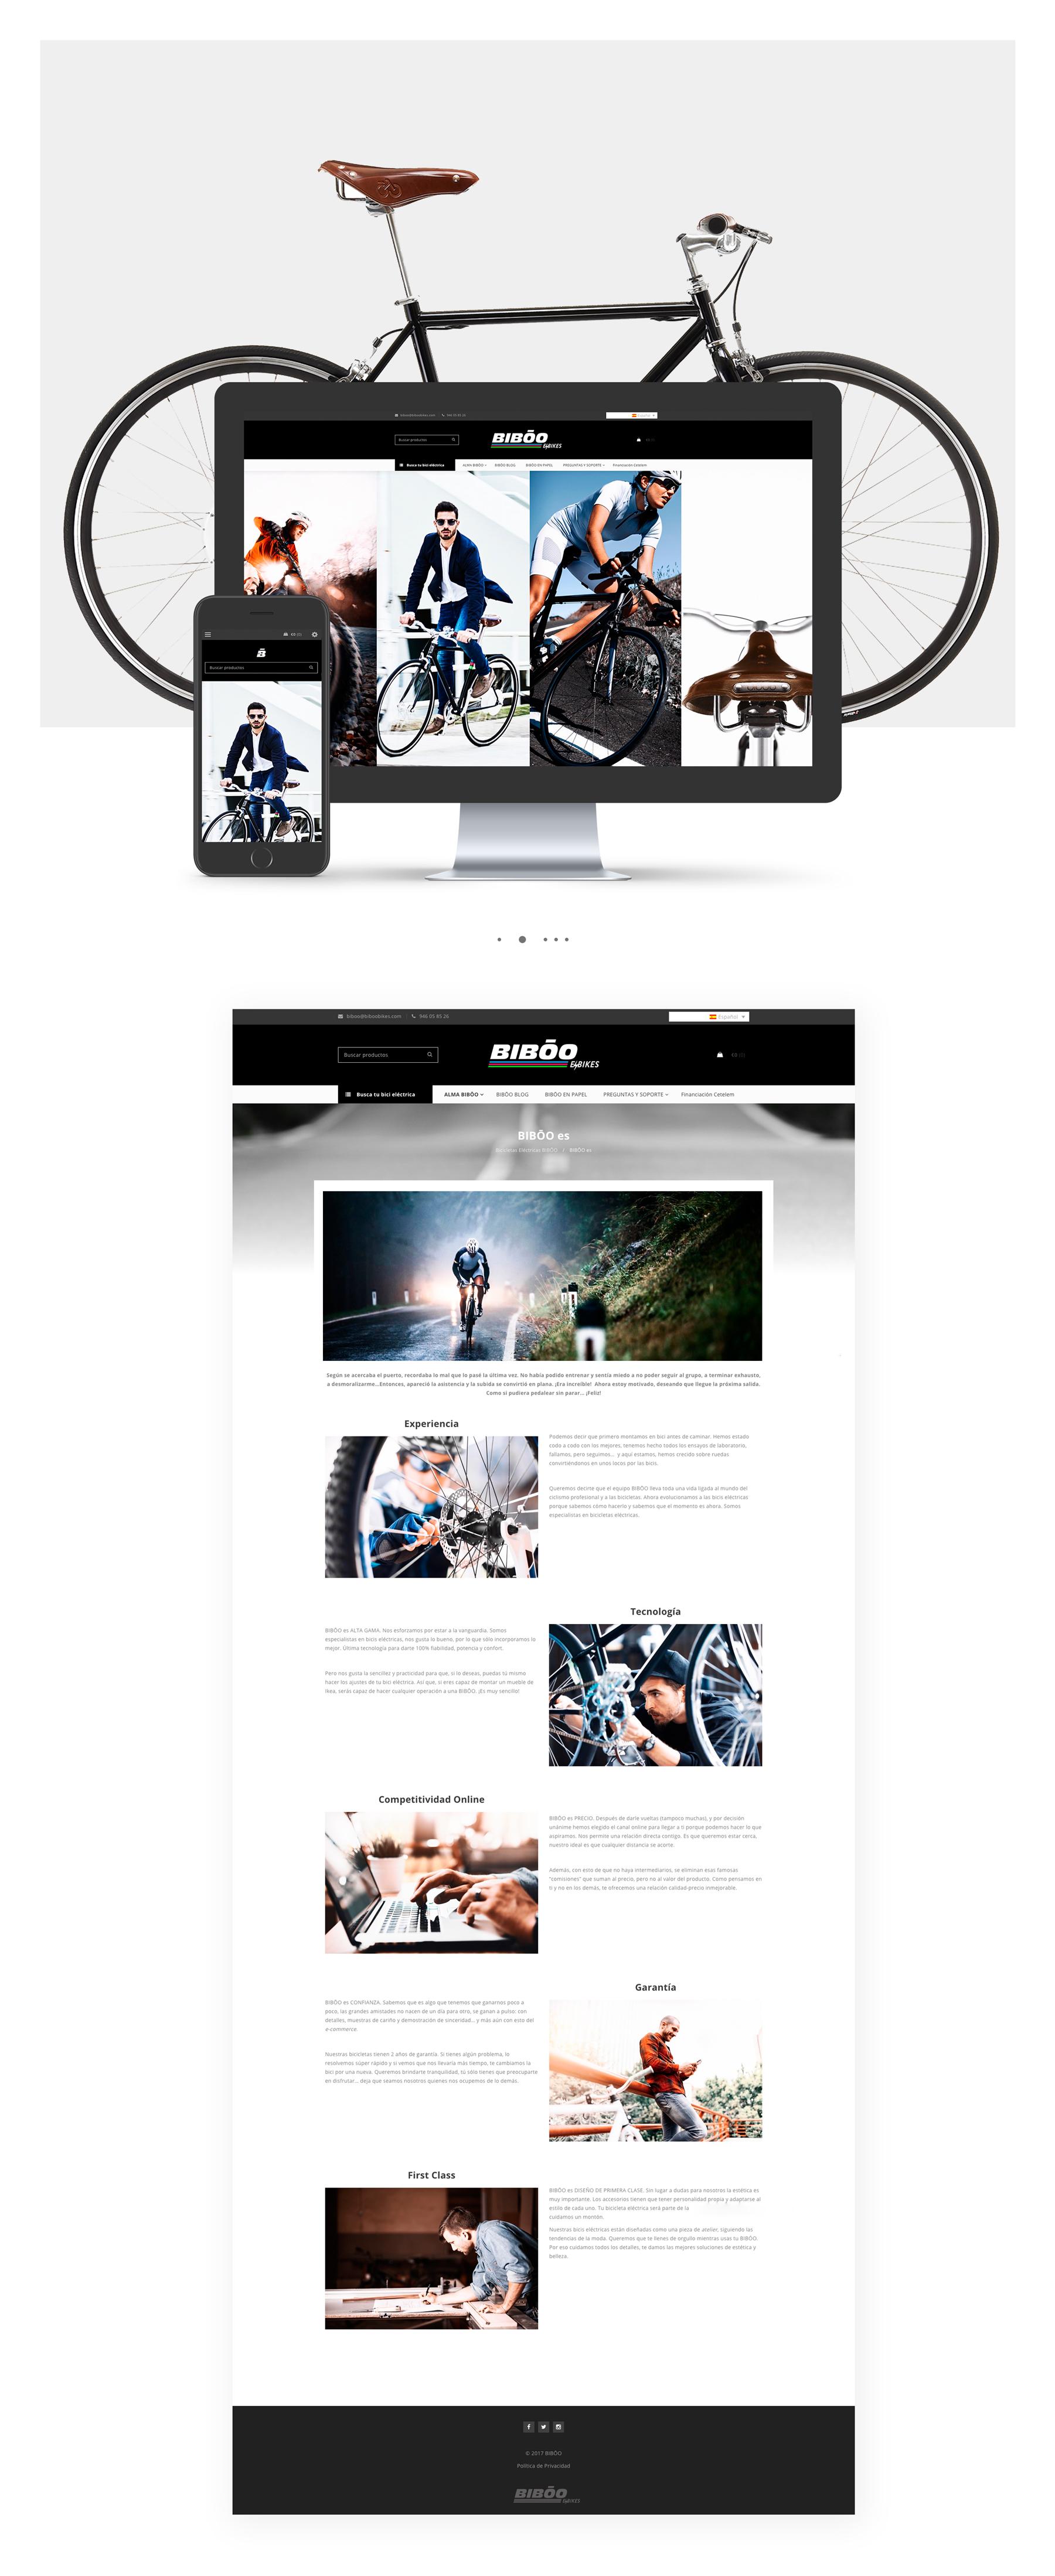 agencia de publicidad en sevilla, estudio de diseño web en Sevilla